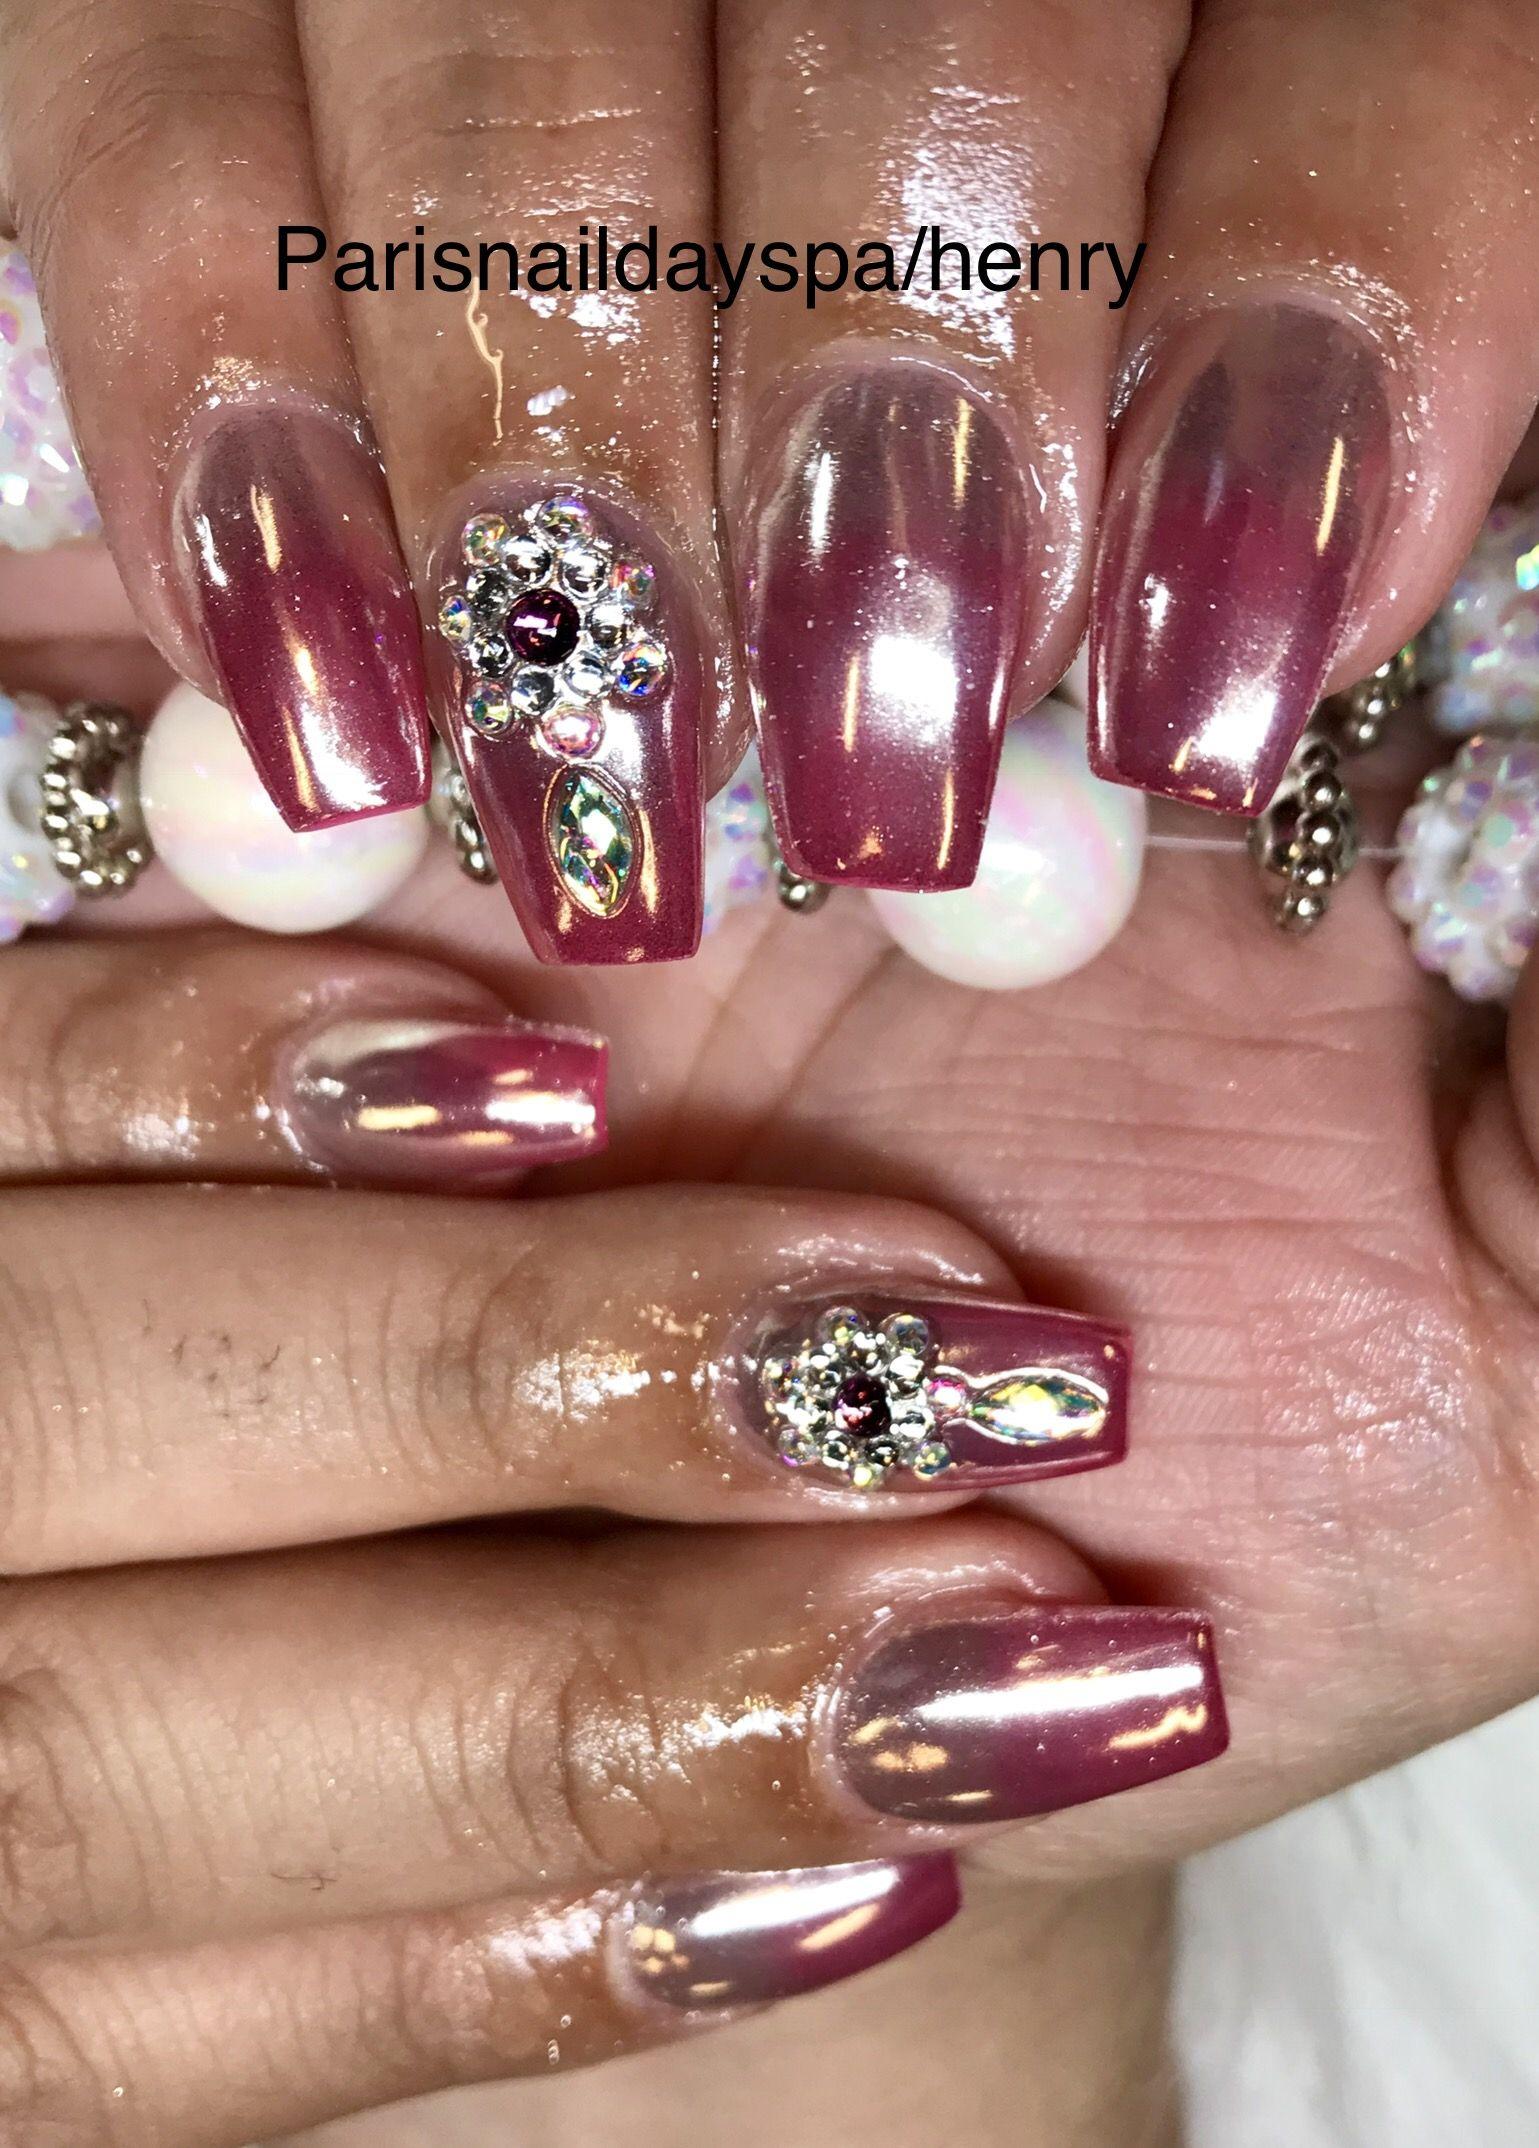 Pin by Hoang De on Paris nail day spa | Pinterest | Paris nails